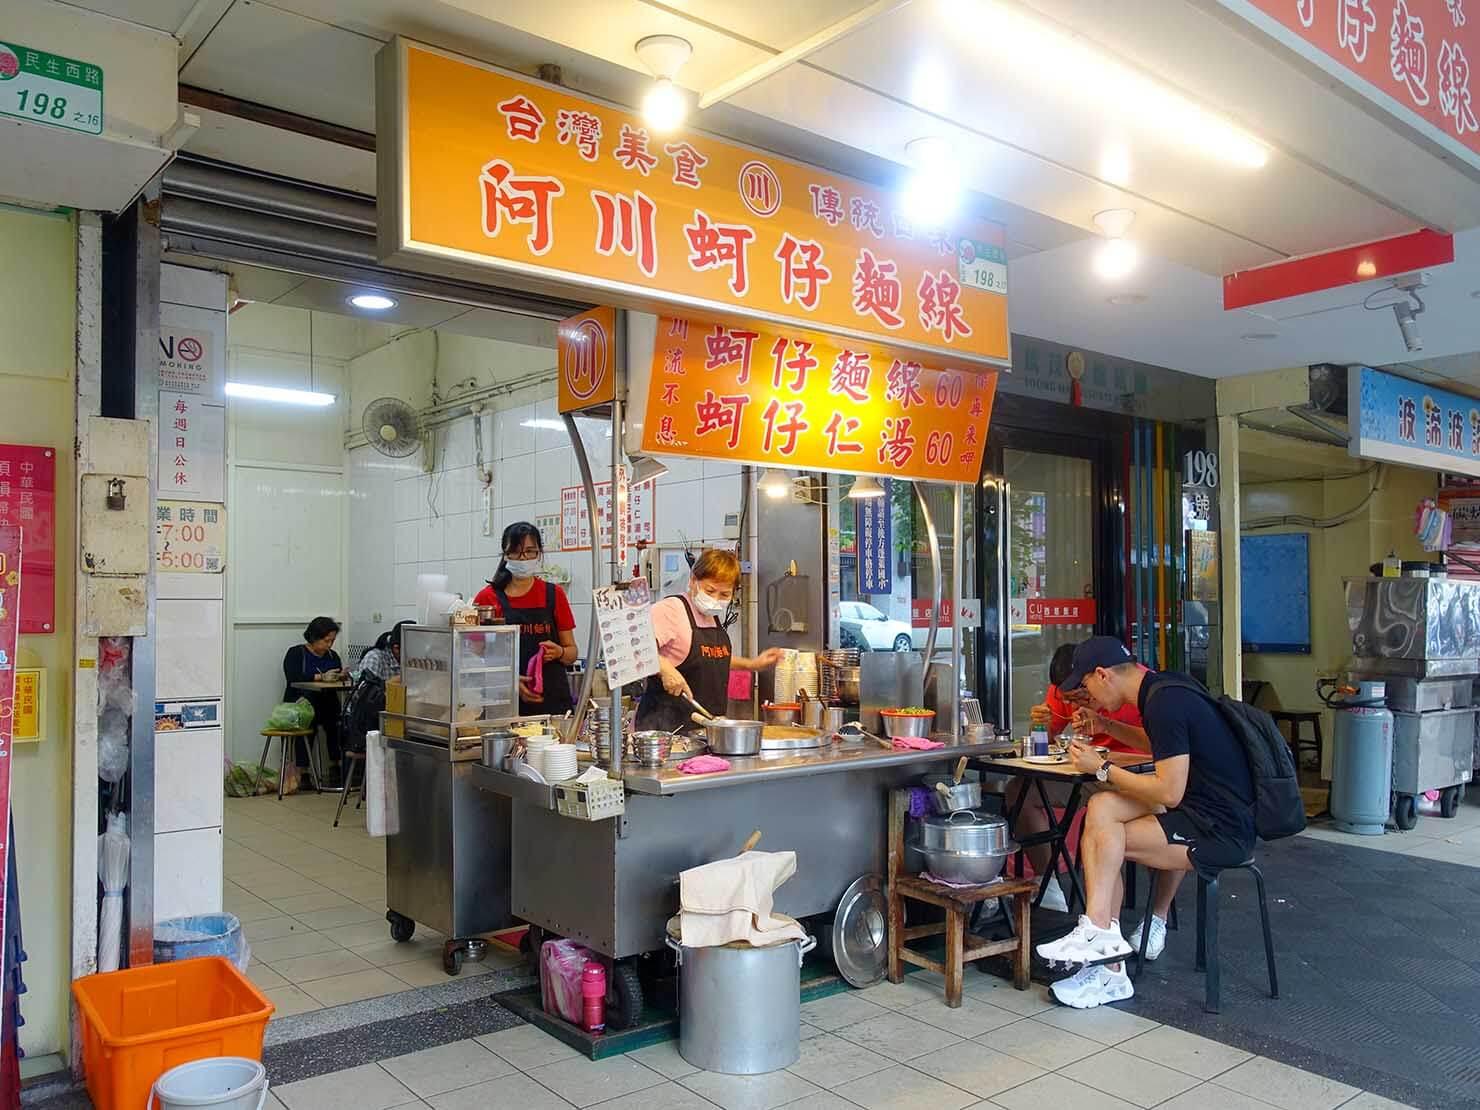 台北・寧夏夜市のおすすめグルメ店「阿川蚵仔麵線」の外観